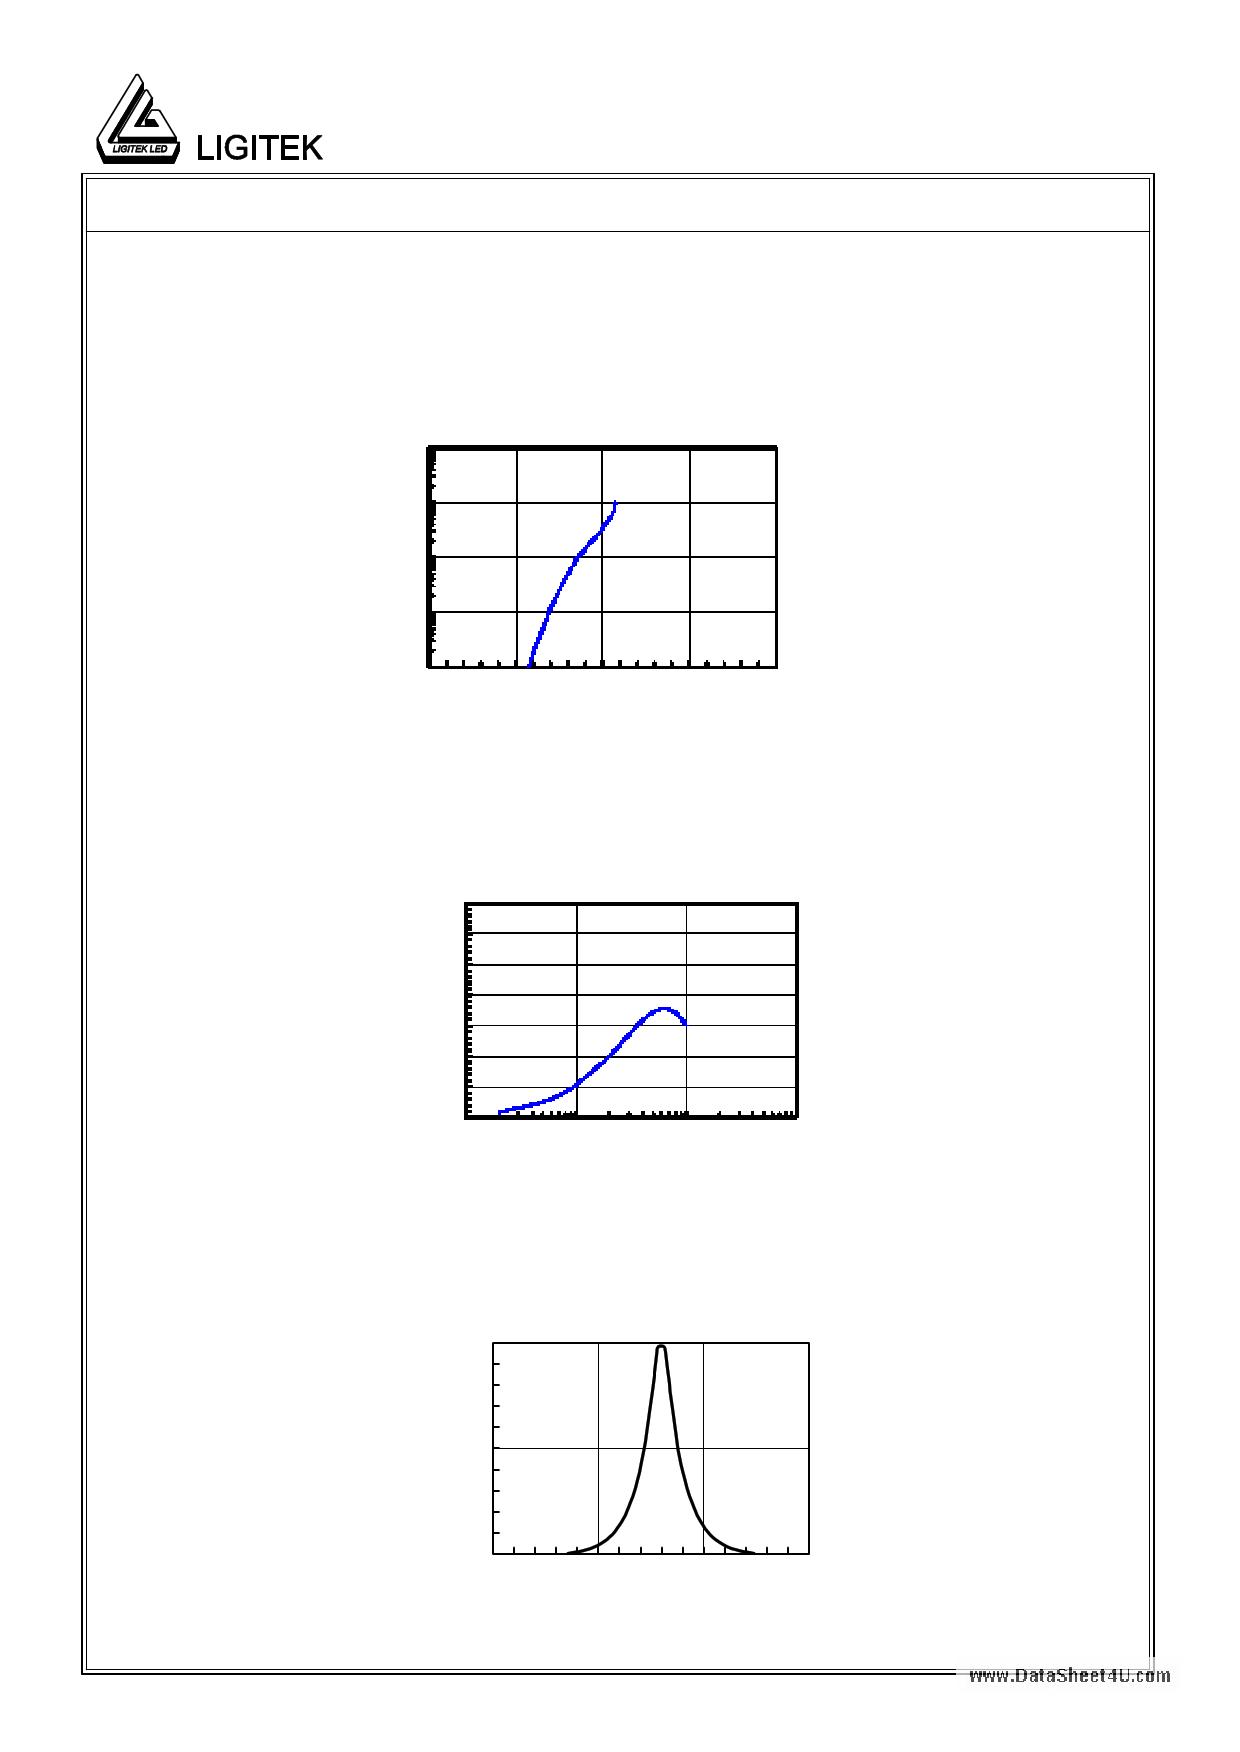 L-00501HRF-S pdf, arduino